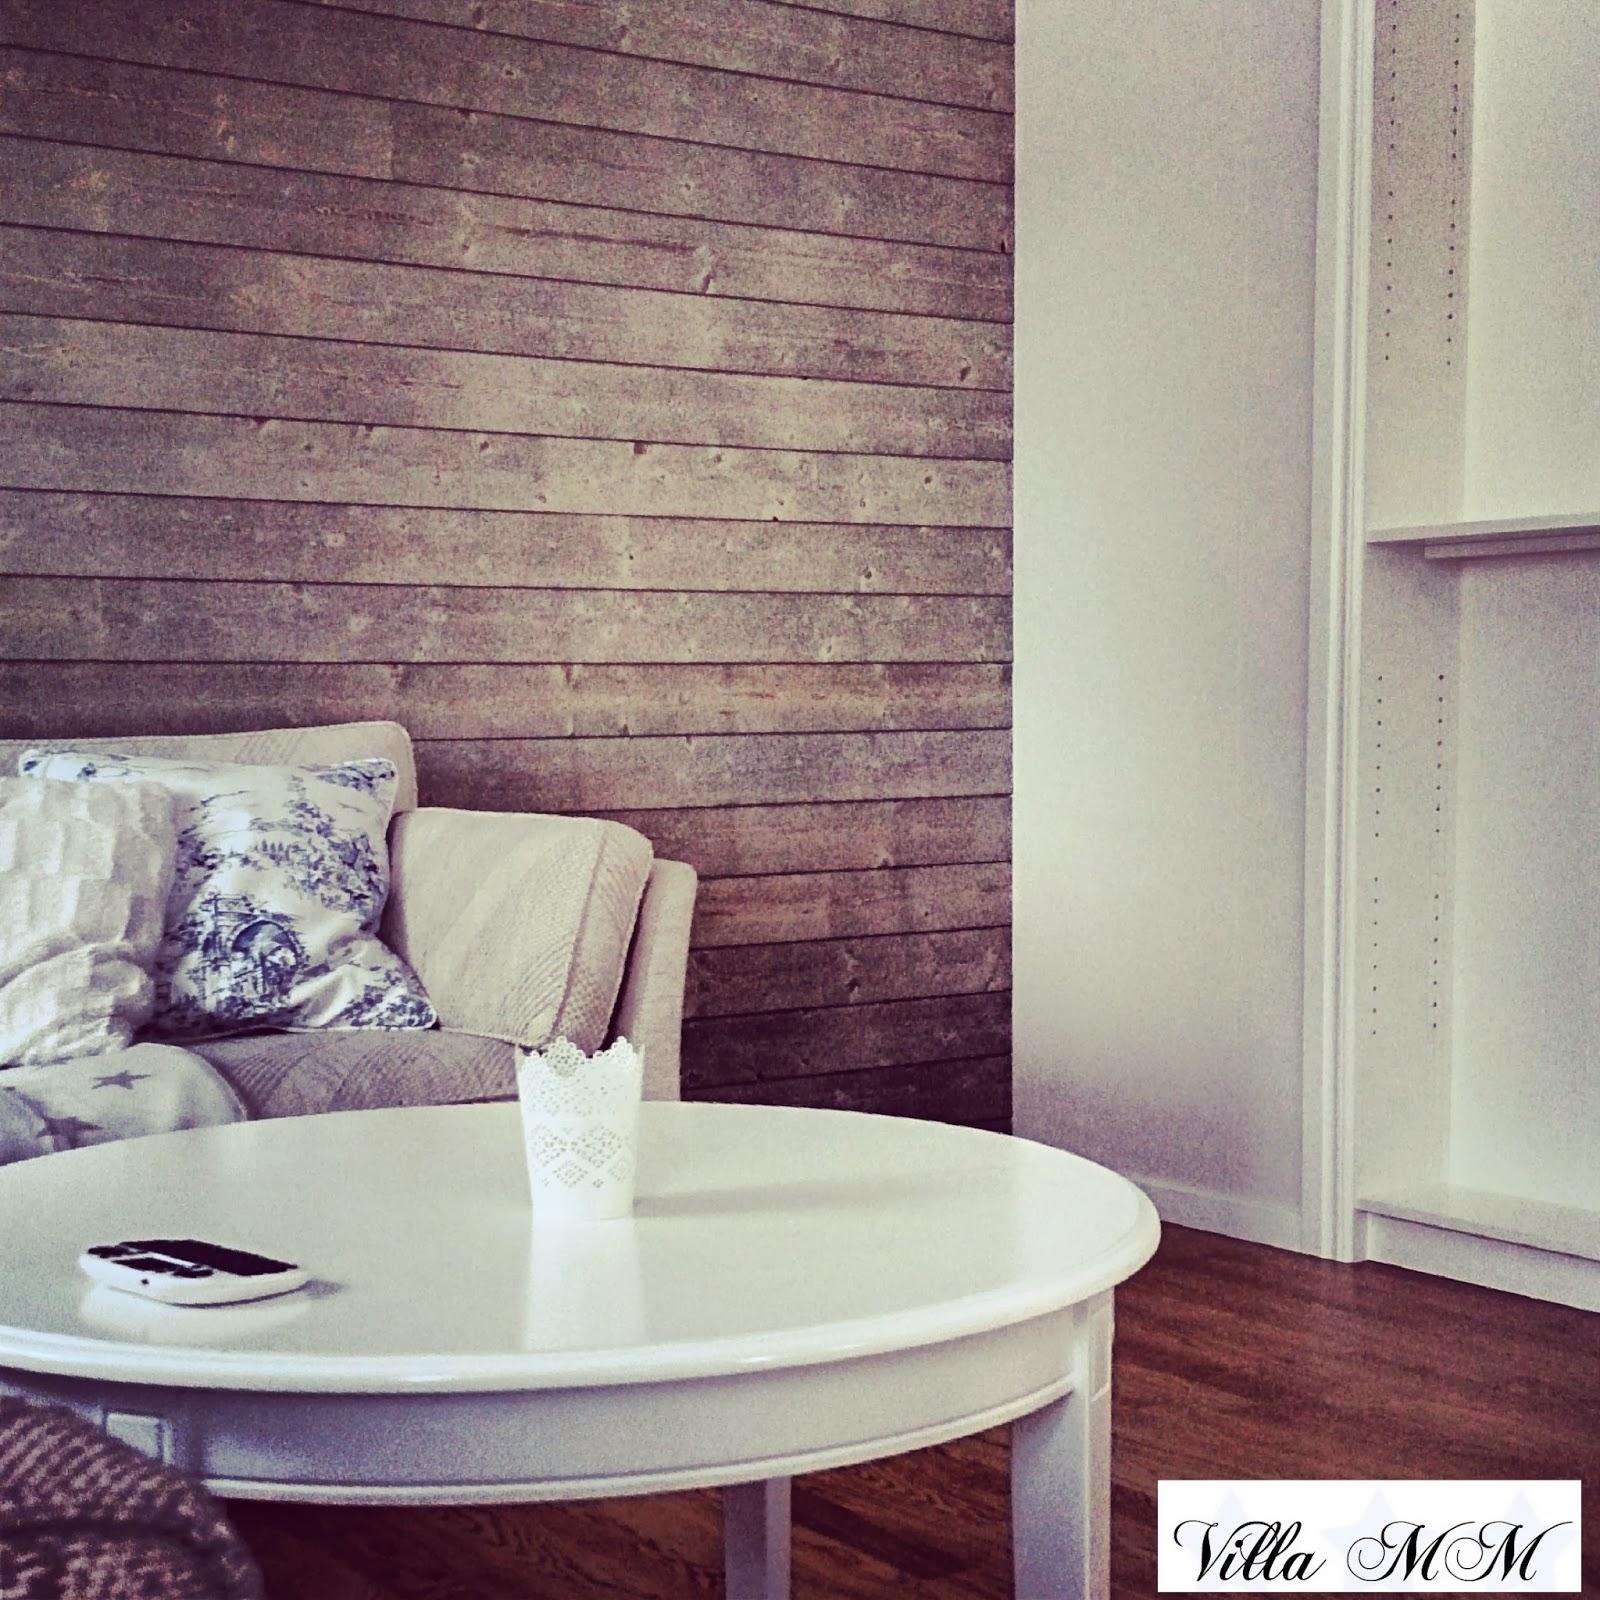 Villa mm   en dröm blir till verklighet: nytt i vardagsrummet